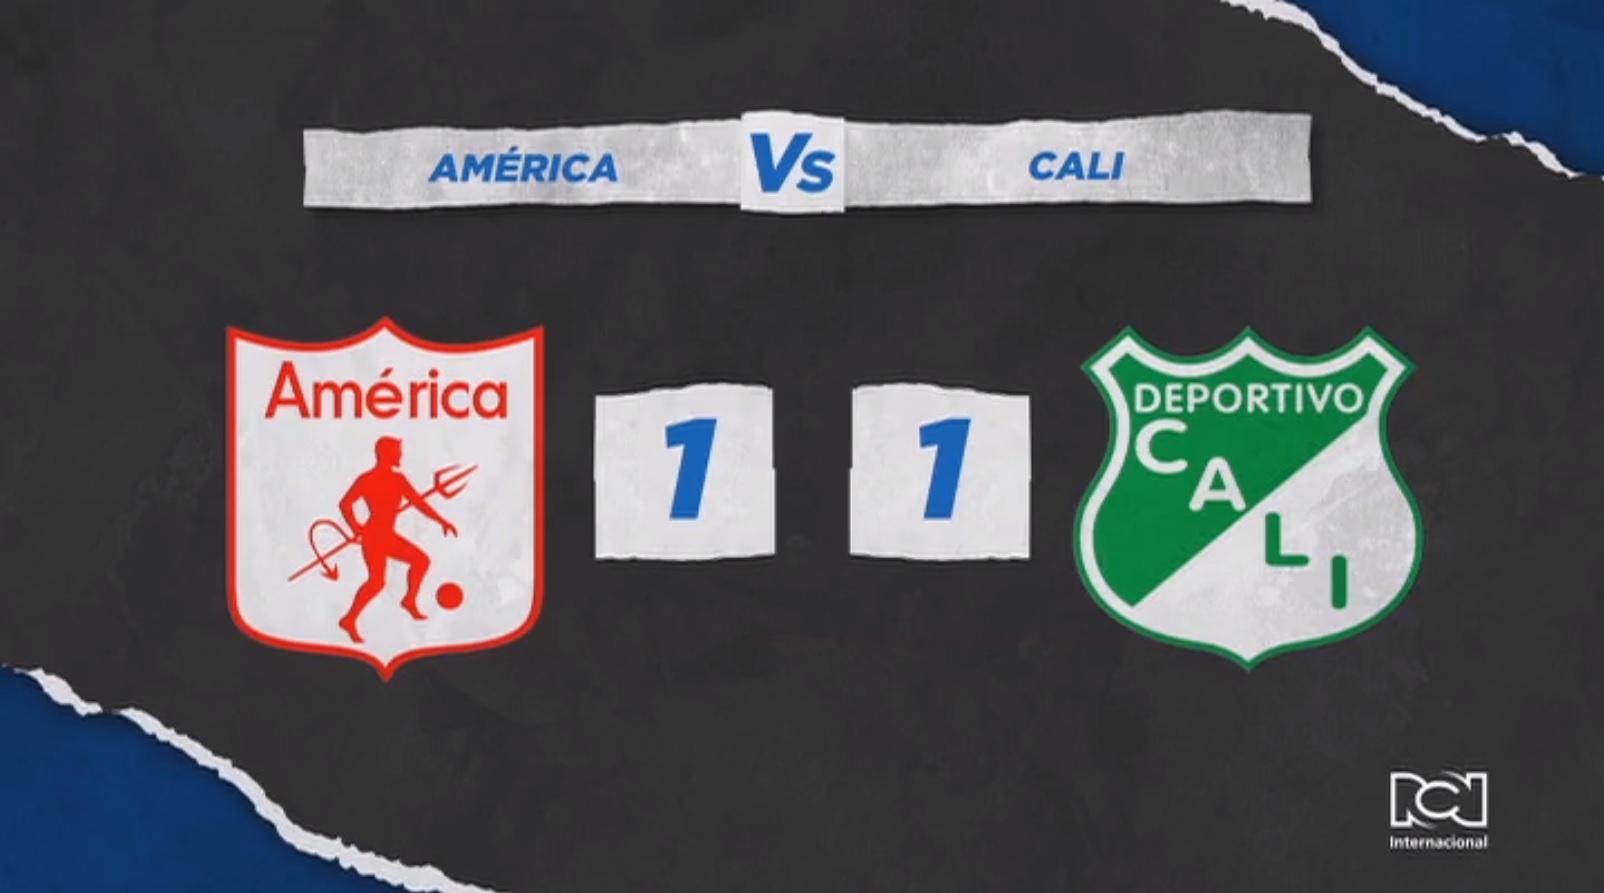 Deportivo Cali rescató un valioso empate frente América en el Pascual Guerrero